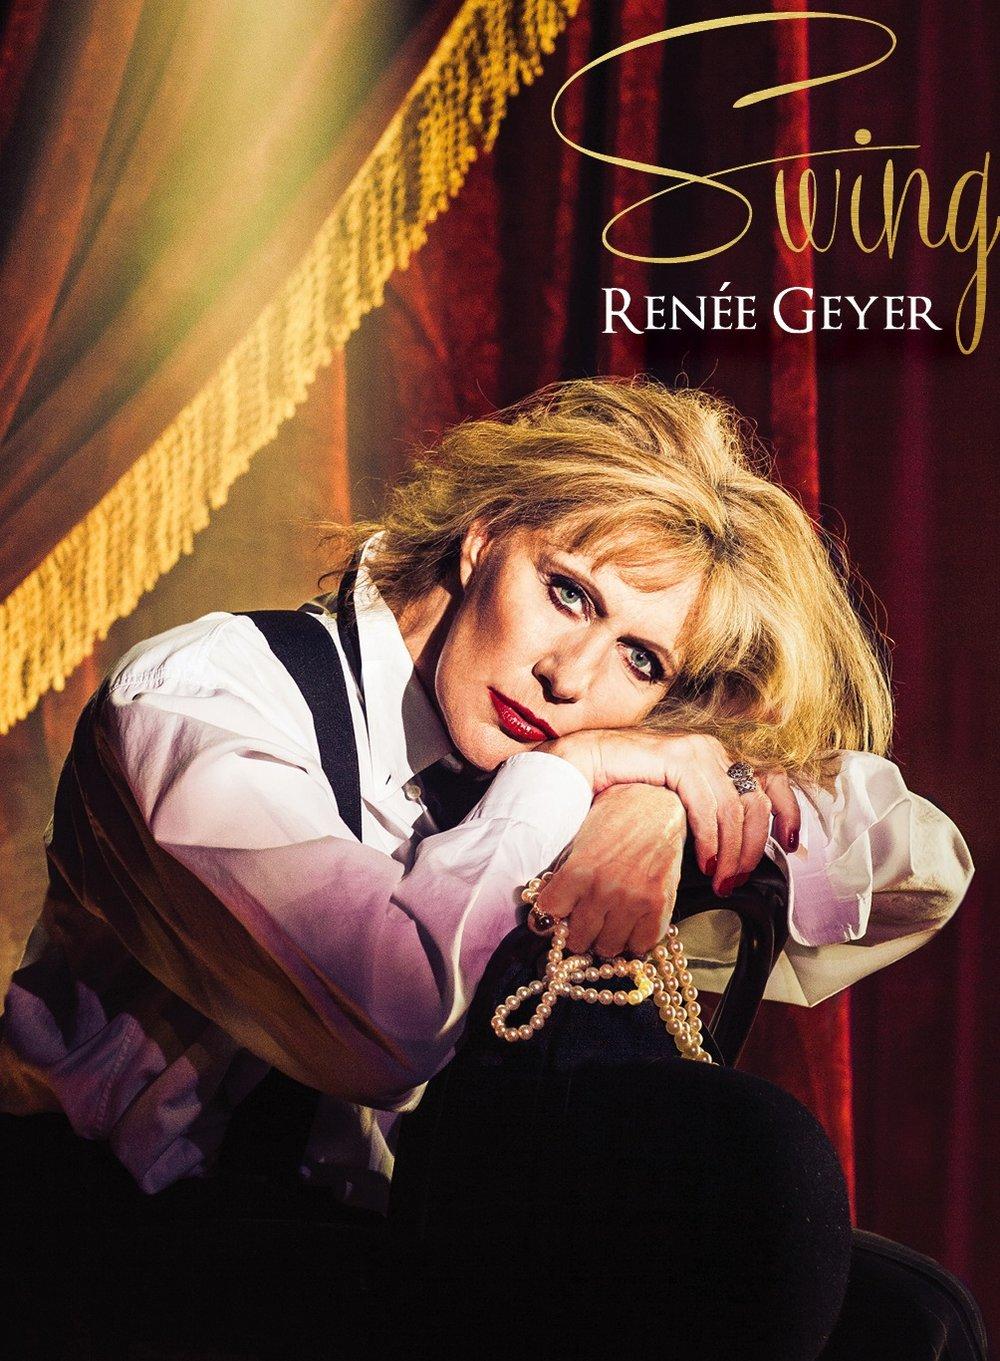 Renee-Geyer-Swing.jpg